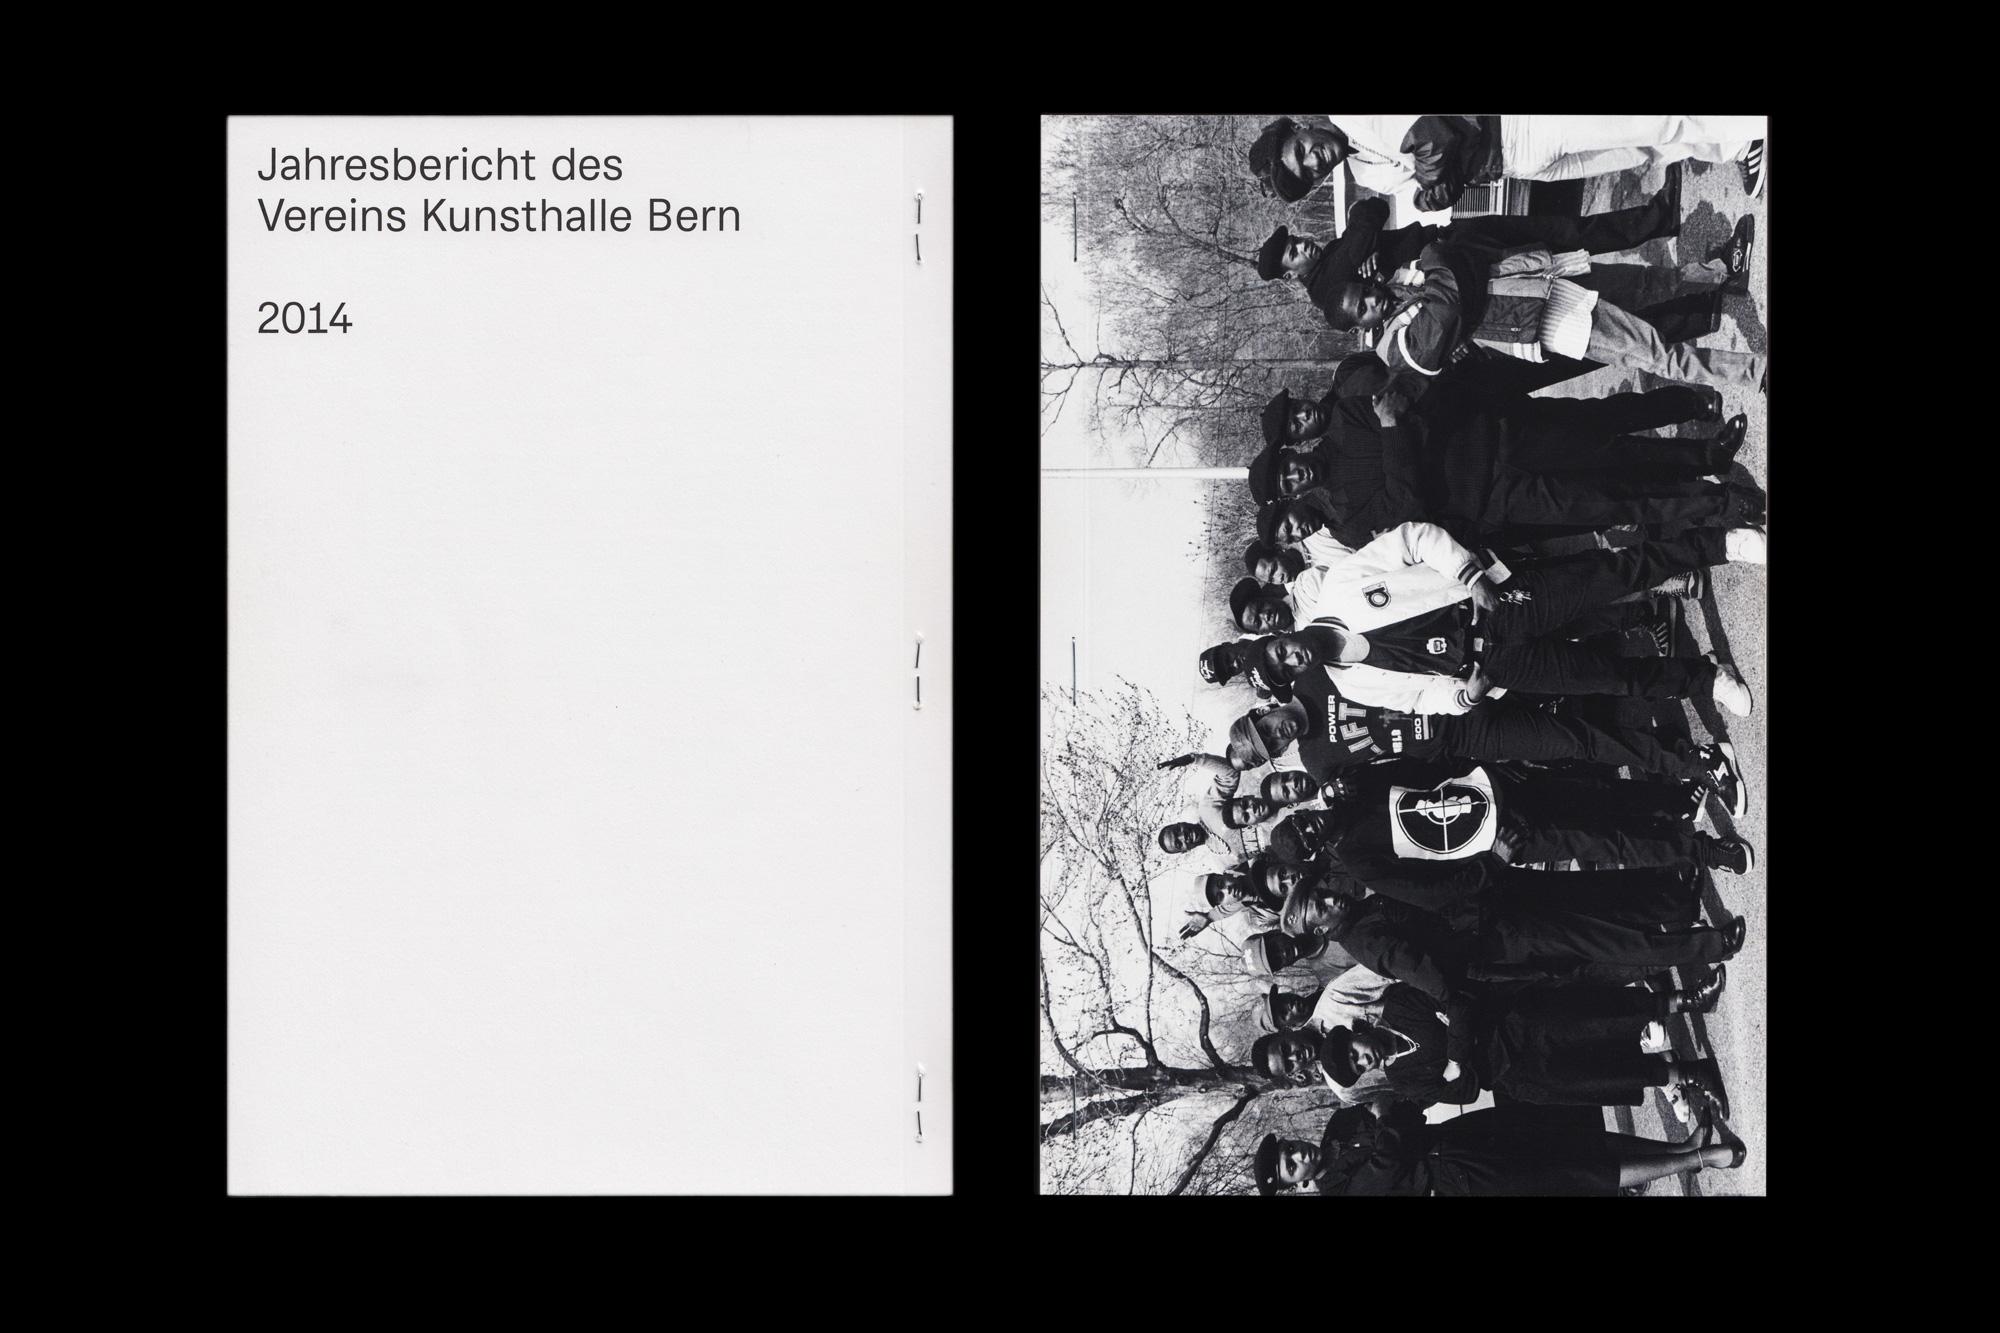 Jahresbericht Kunsthalle Bern